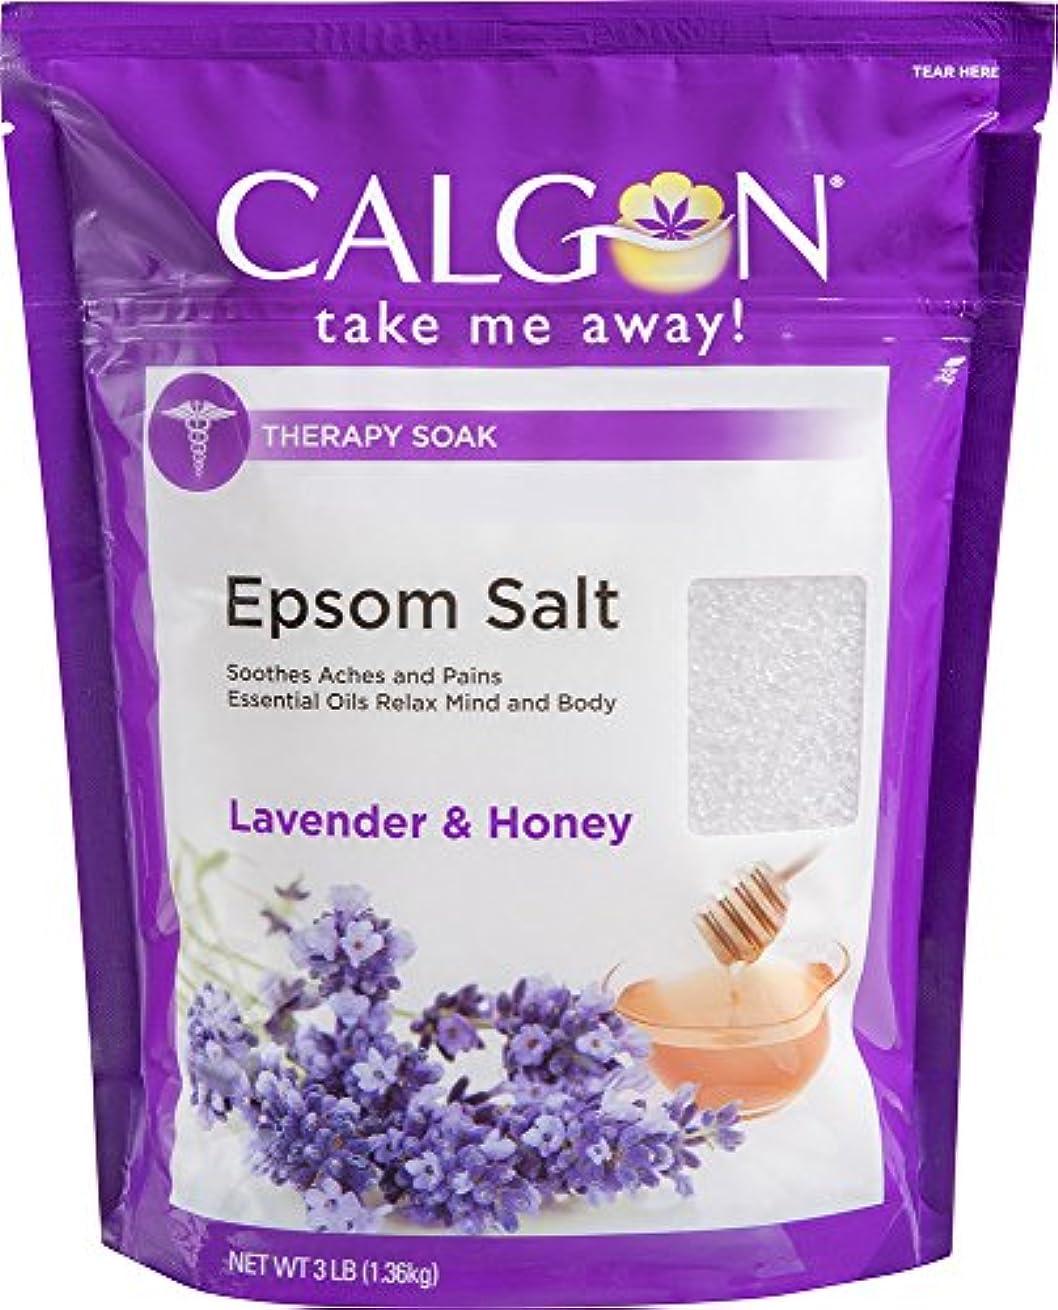 着るプラスチック強風Calgon リジュエプソム塩(ラベンダーと蜂蜜、48オンス)